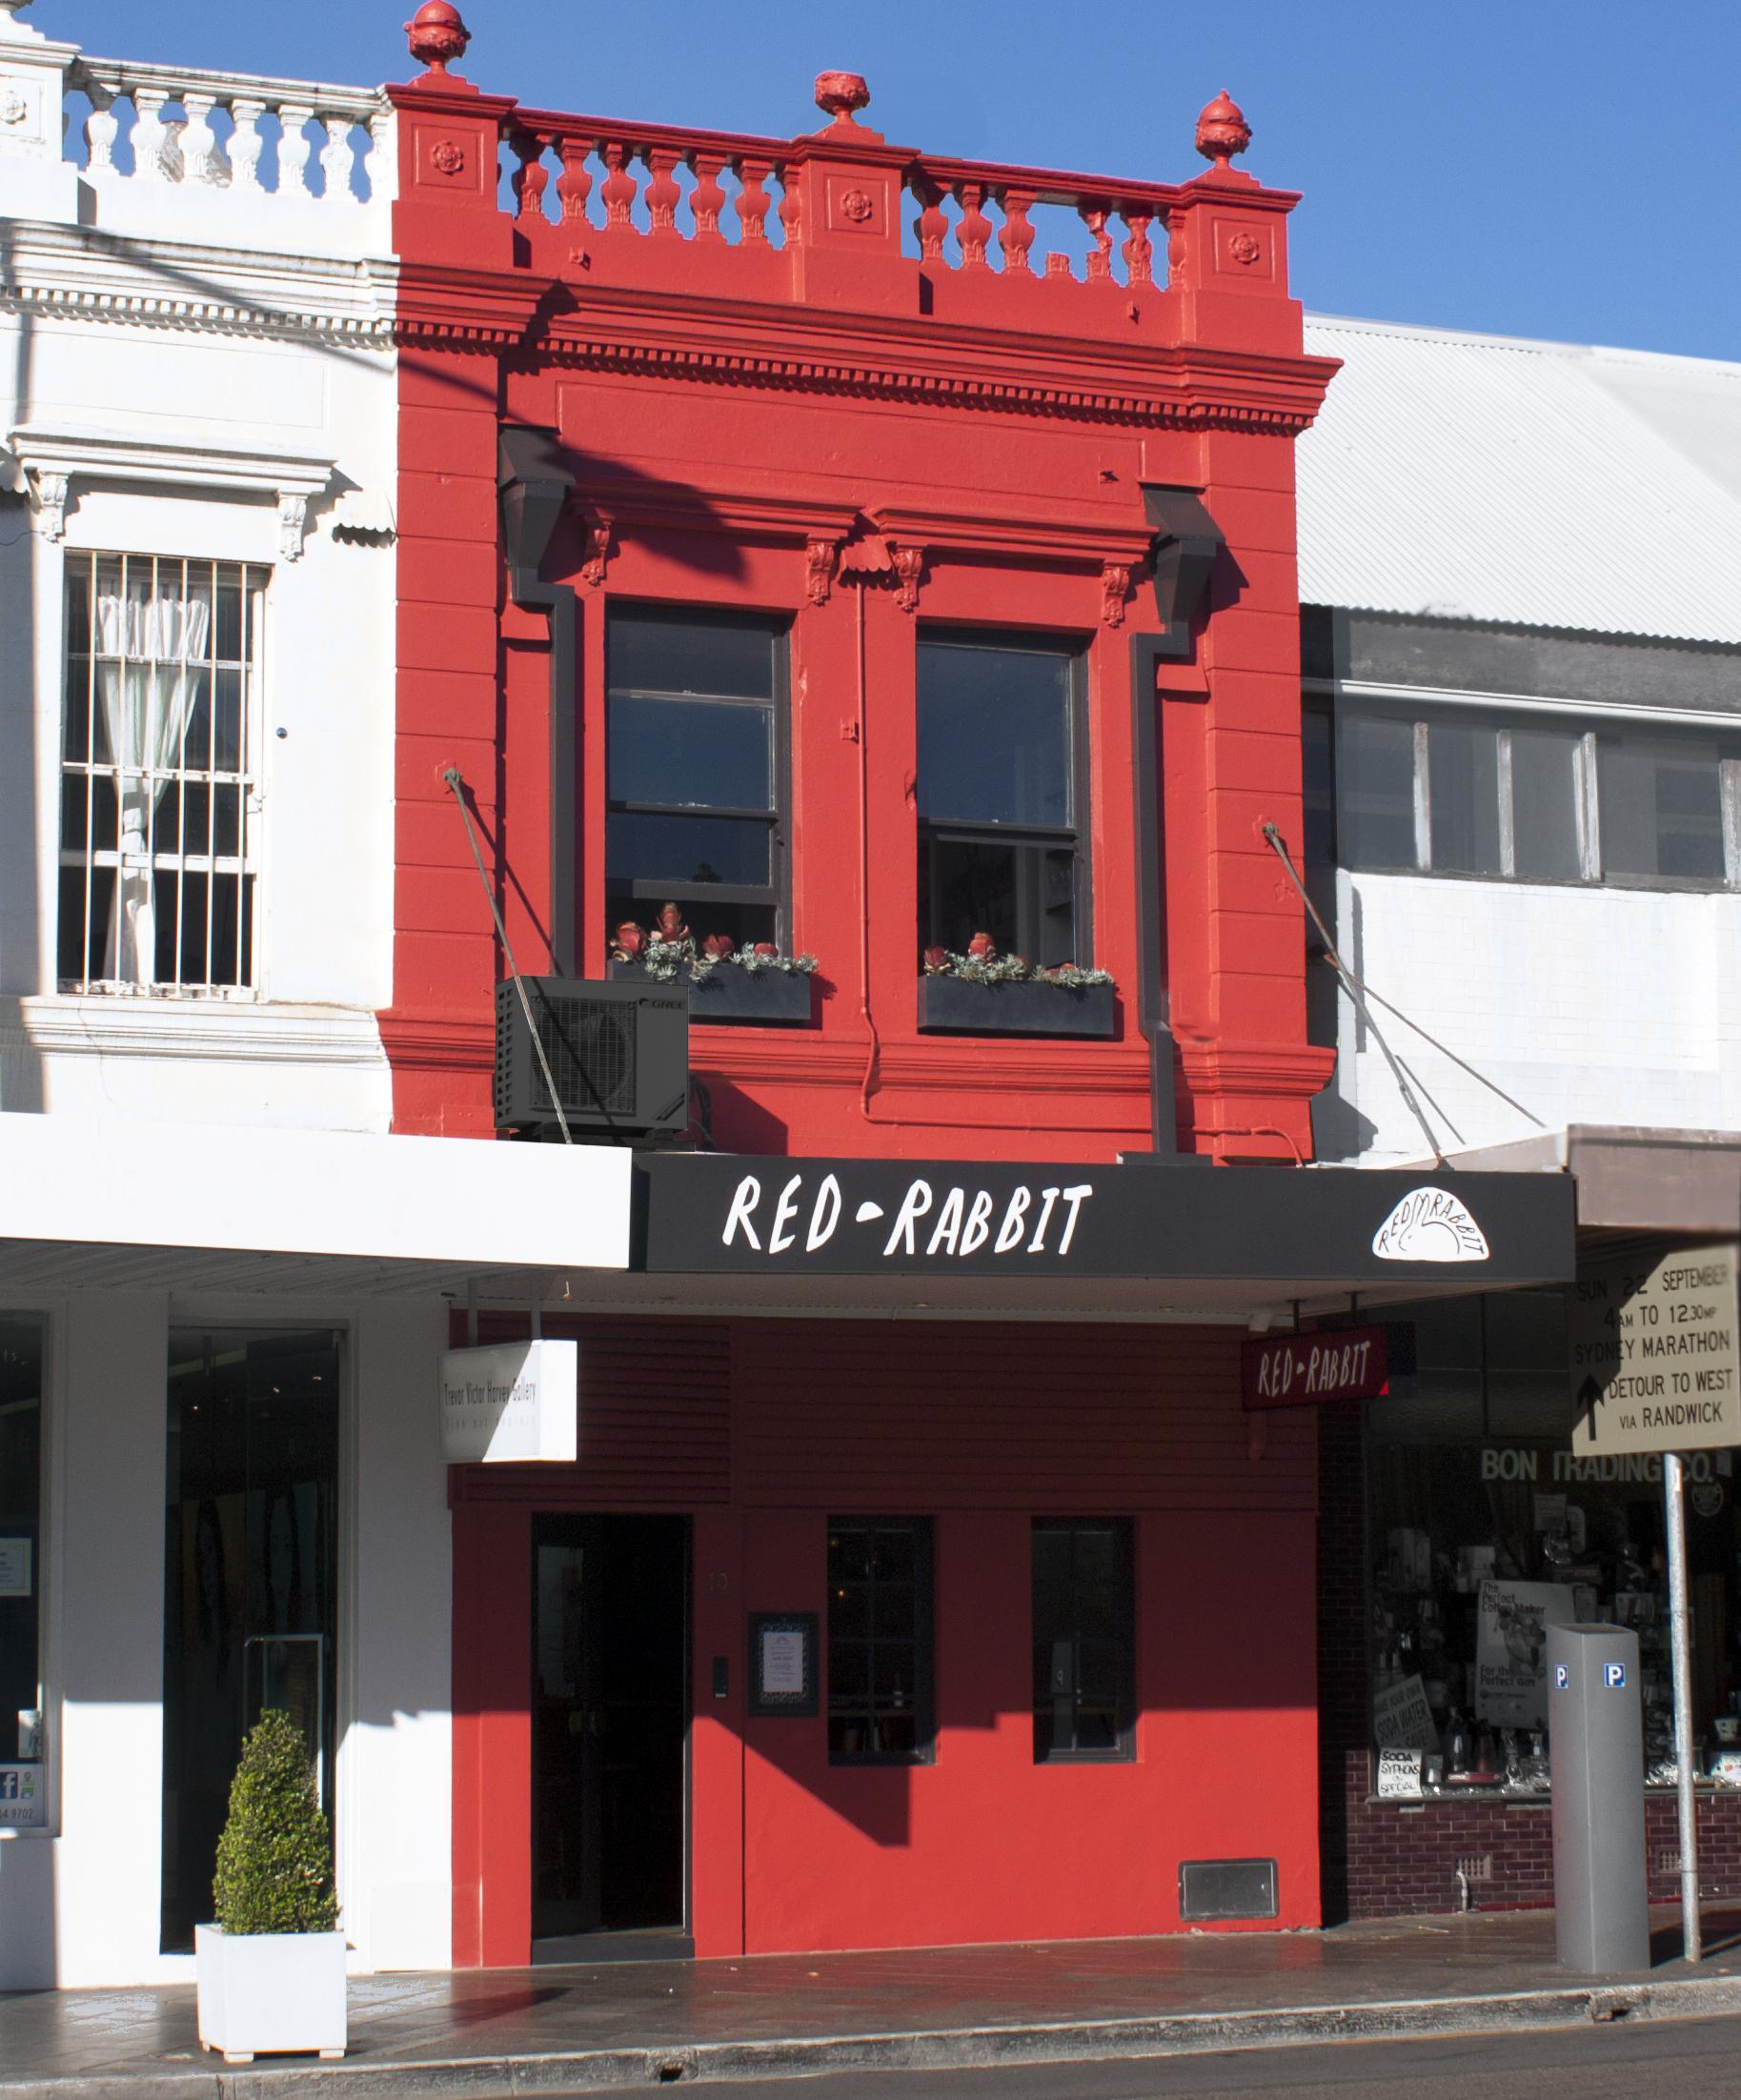 RED RABBIT  - facade